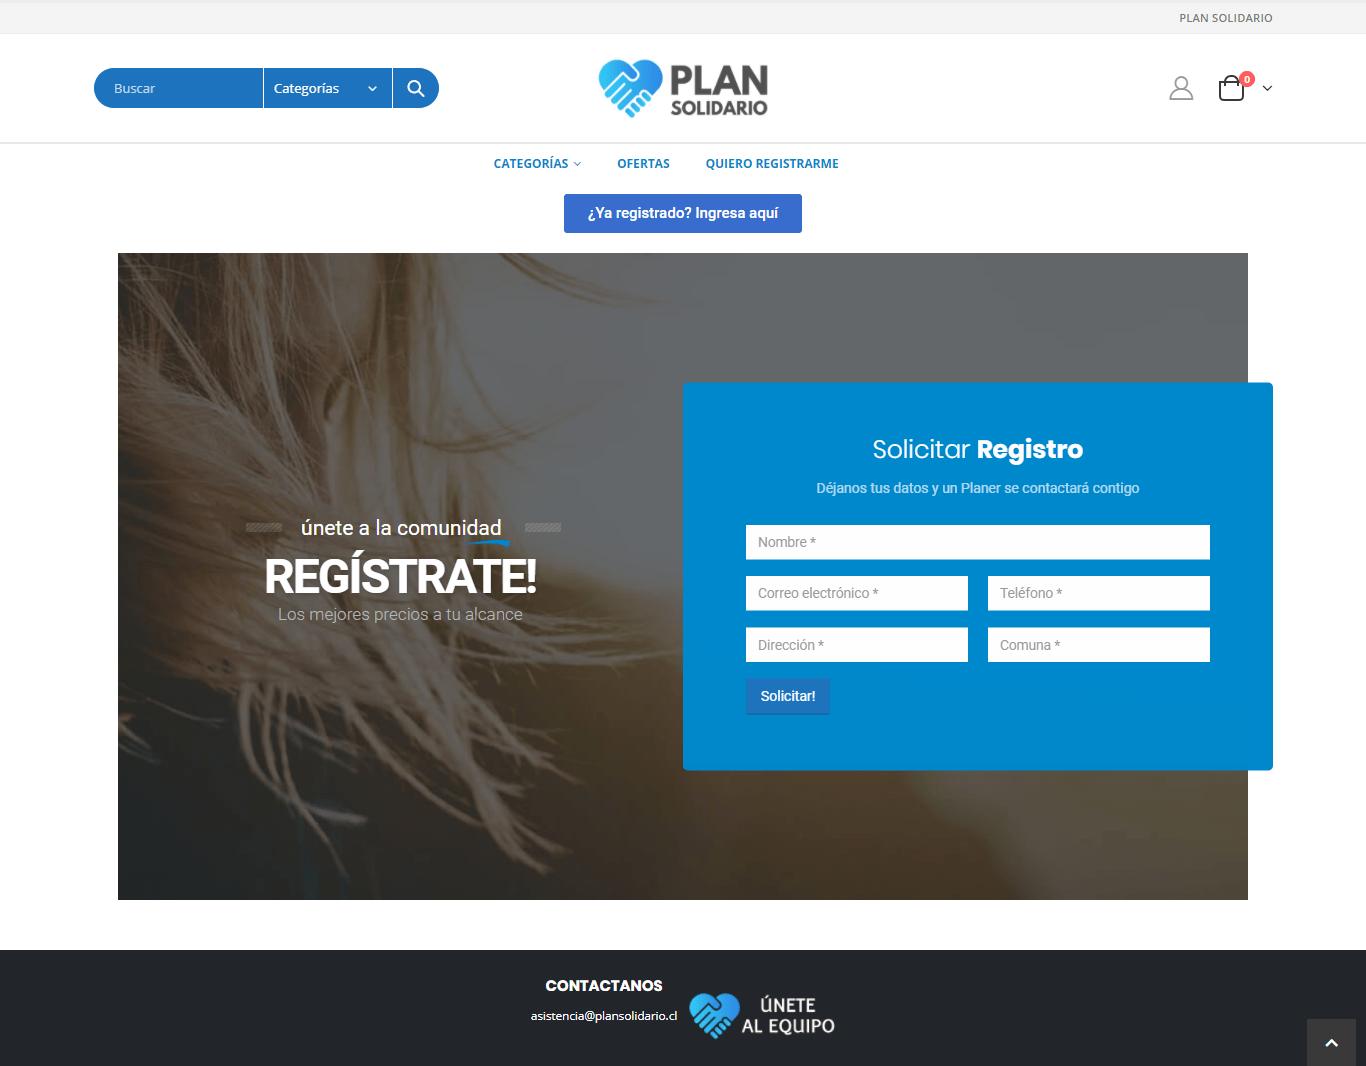 Plan Solidario - Sitio desarrollado por Risi.cl